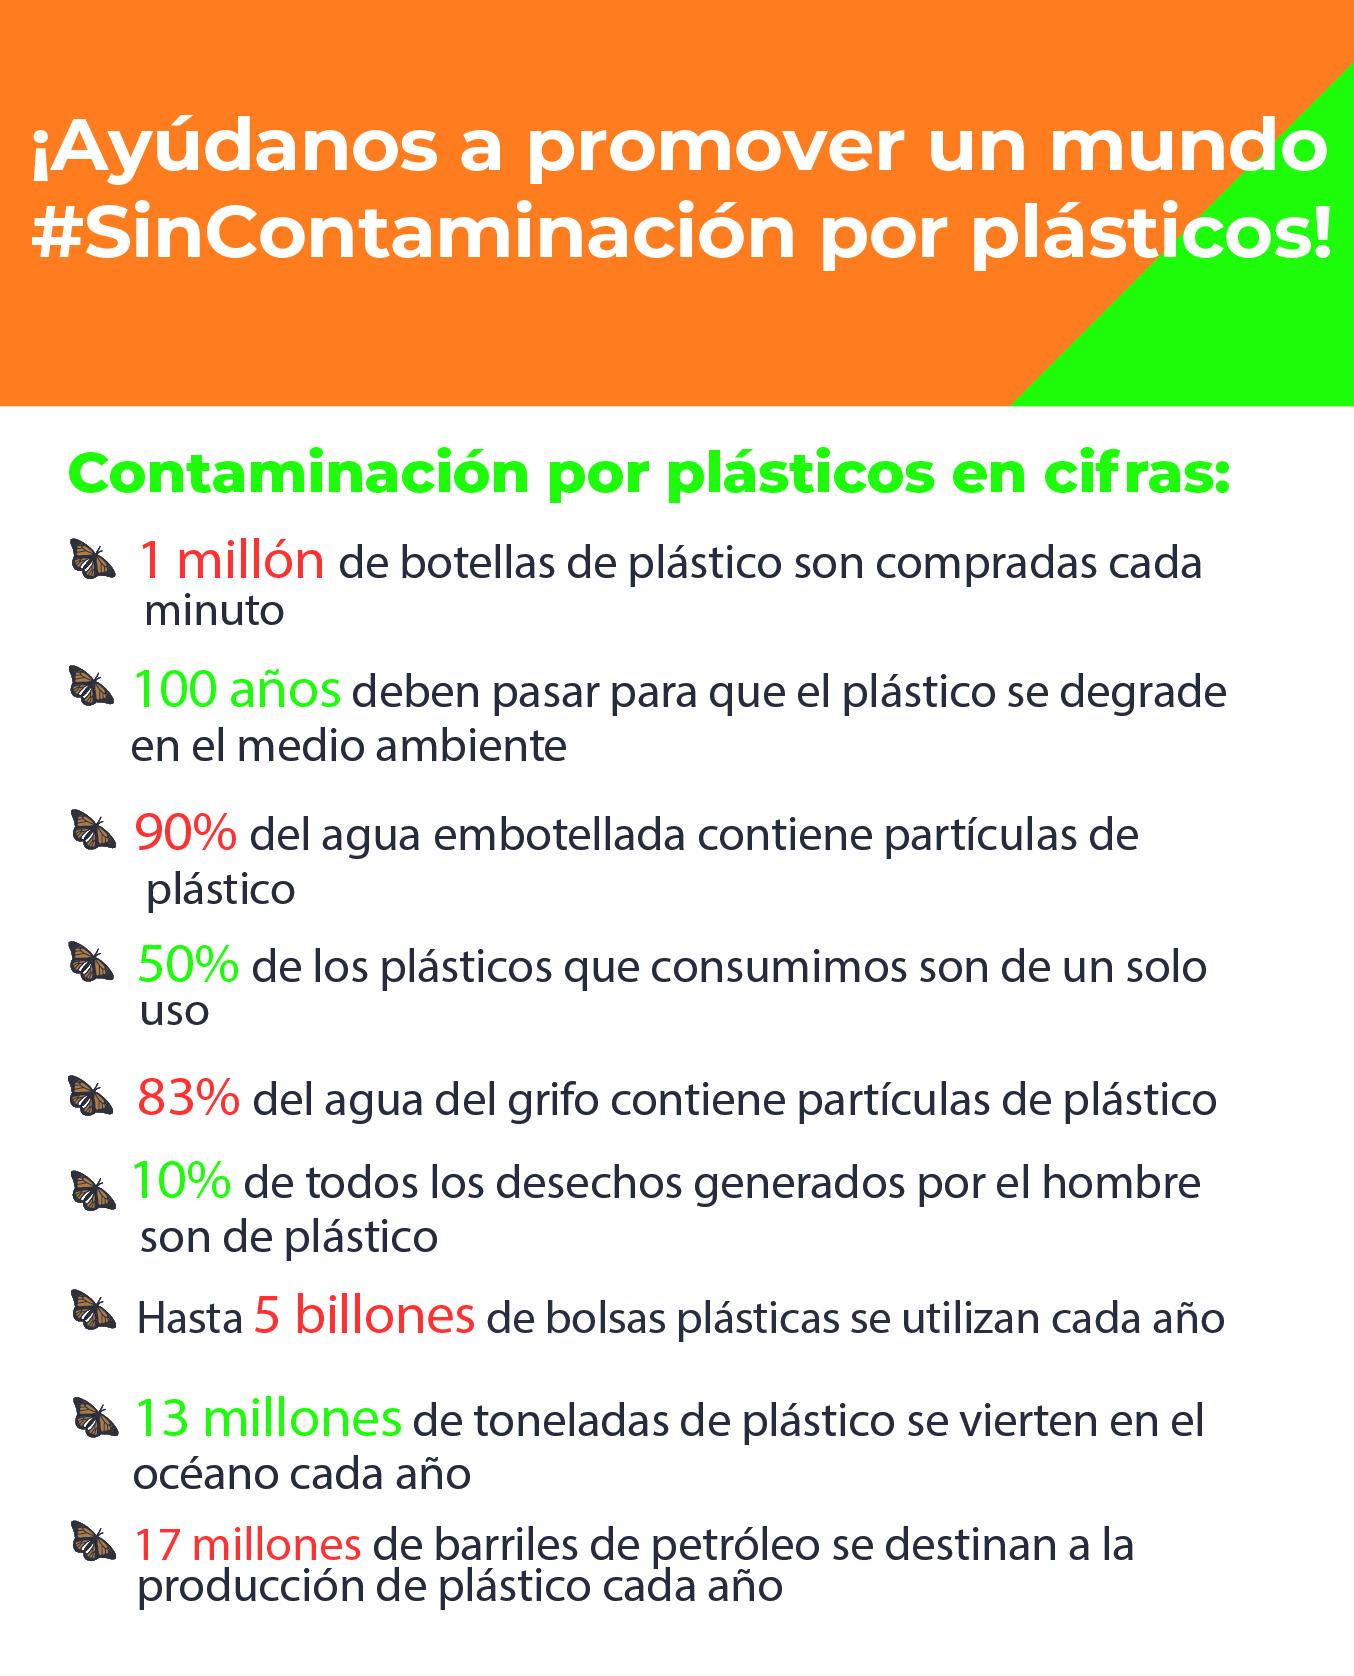 Algunos datos sobre la contaminación por plásticos en el mundo